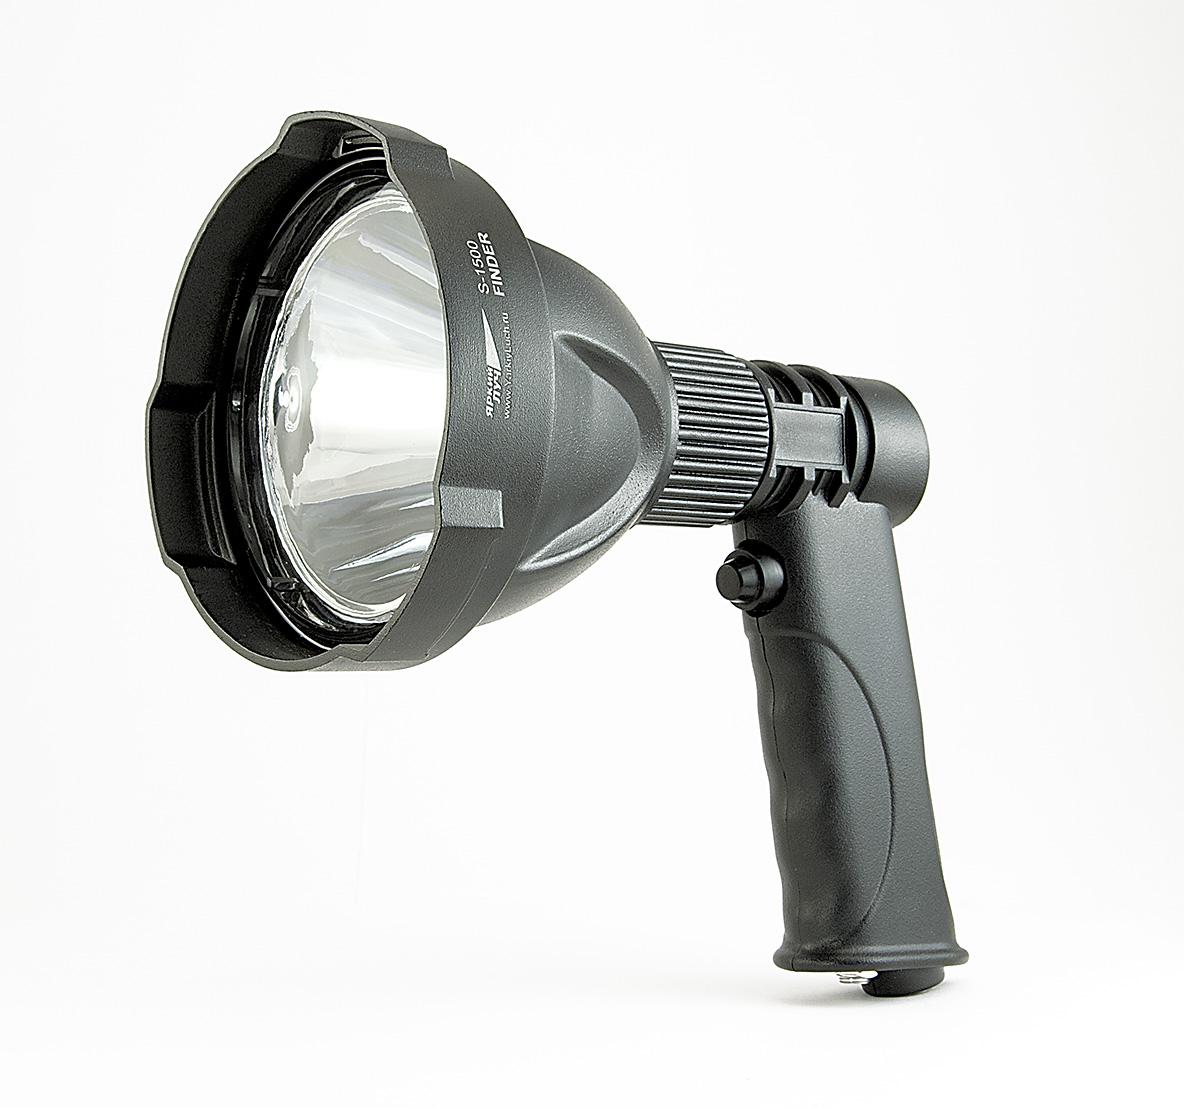 Фонарь ЯРКИЙ ЛУЧ S-1500 finder фонари dosun светодиодная фара высокой производительности